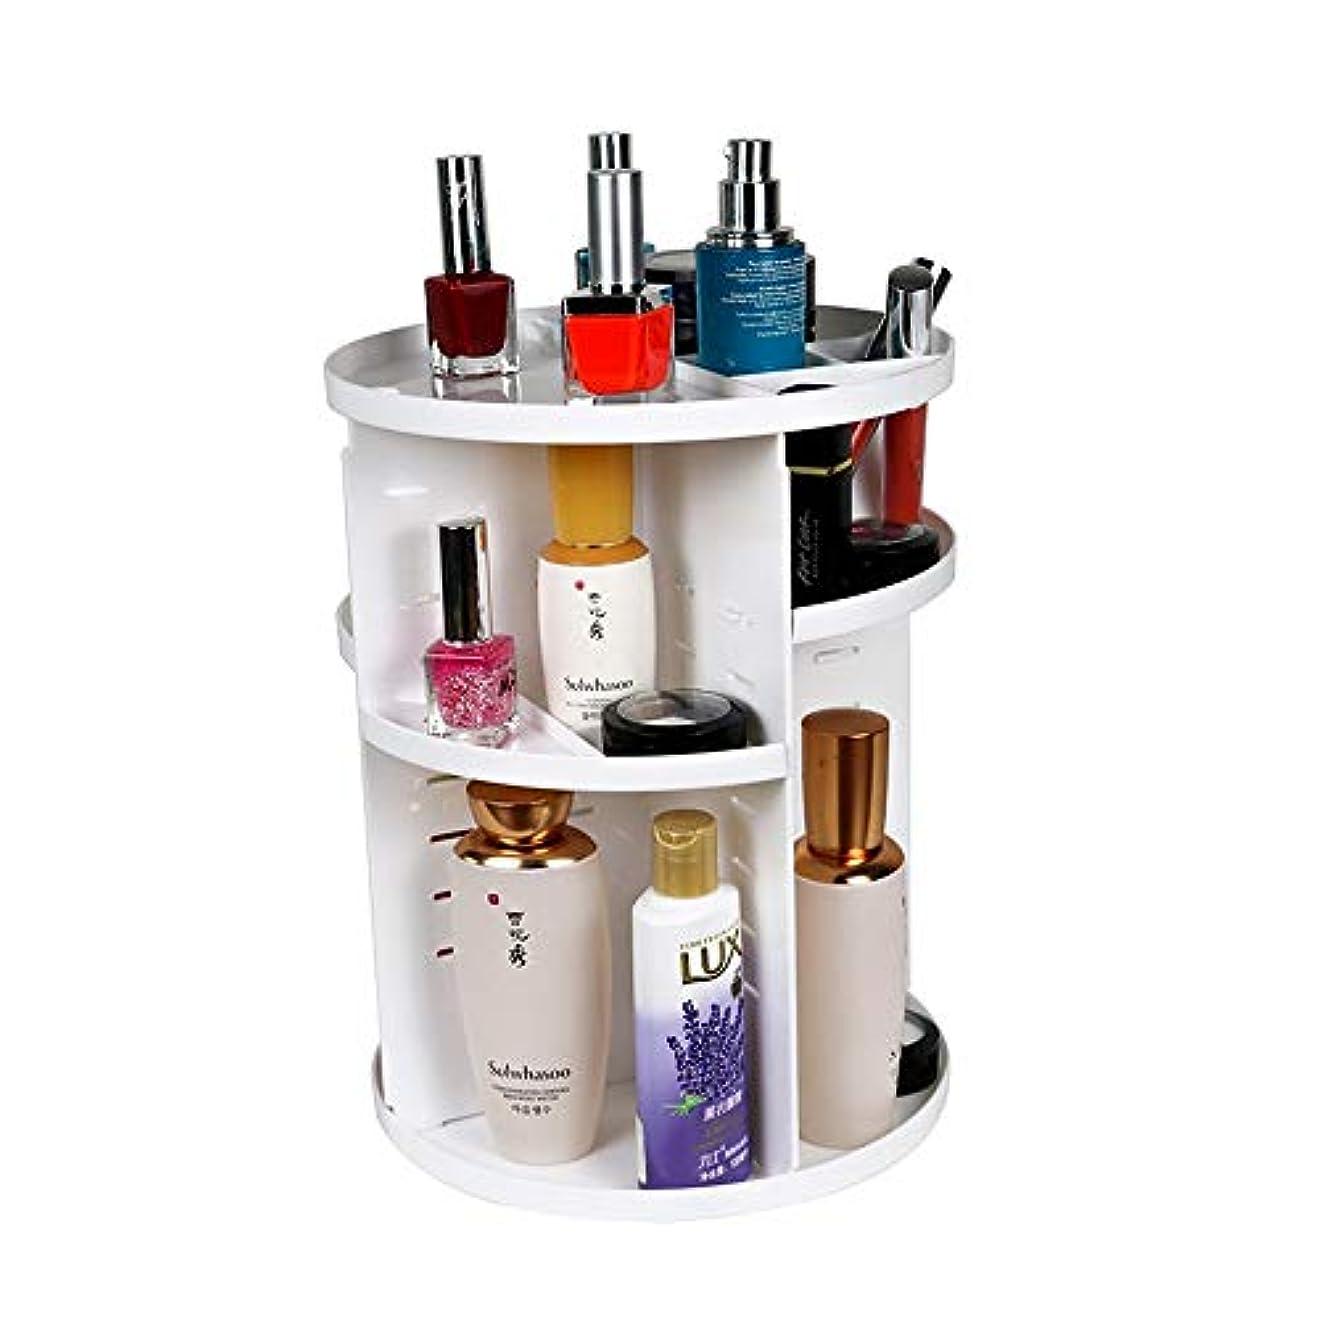 討論男やもめマチュピチュ整理簡単 簡単な構造のオルガナイザー調節可能な宝石類および化粧品の陳列台を回転させる360度 (Color : White, Size : 29.5*23*23CM)